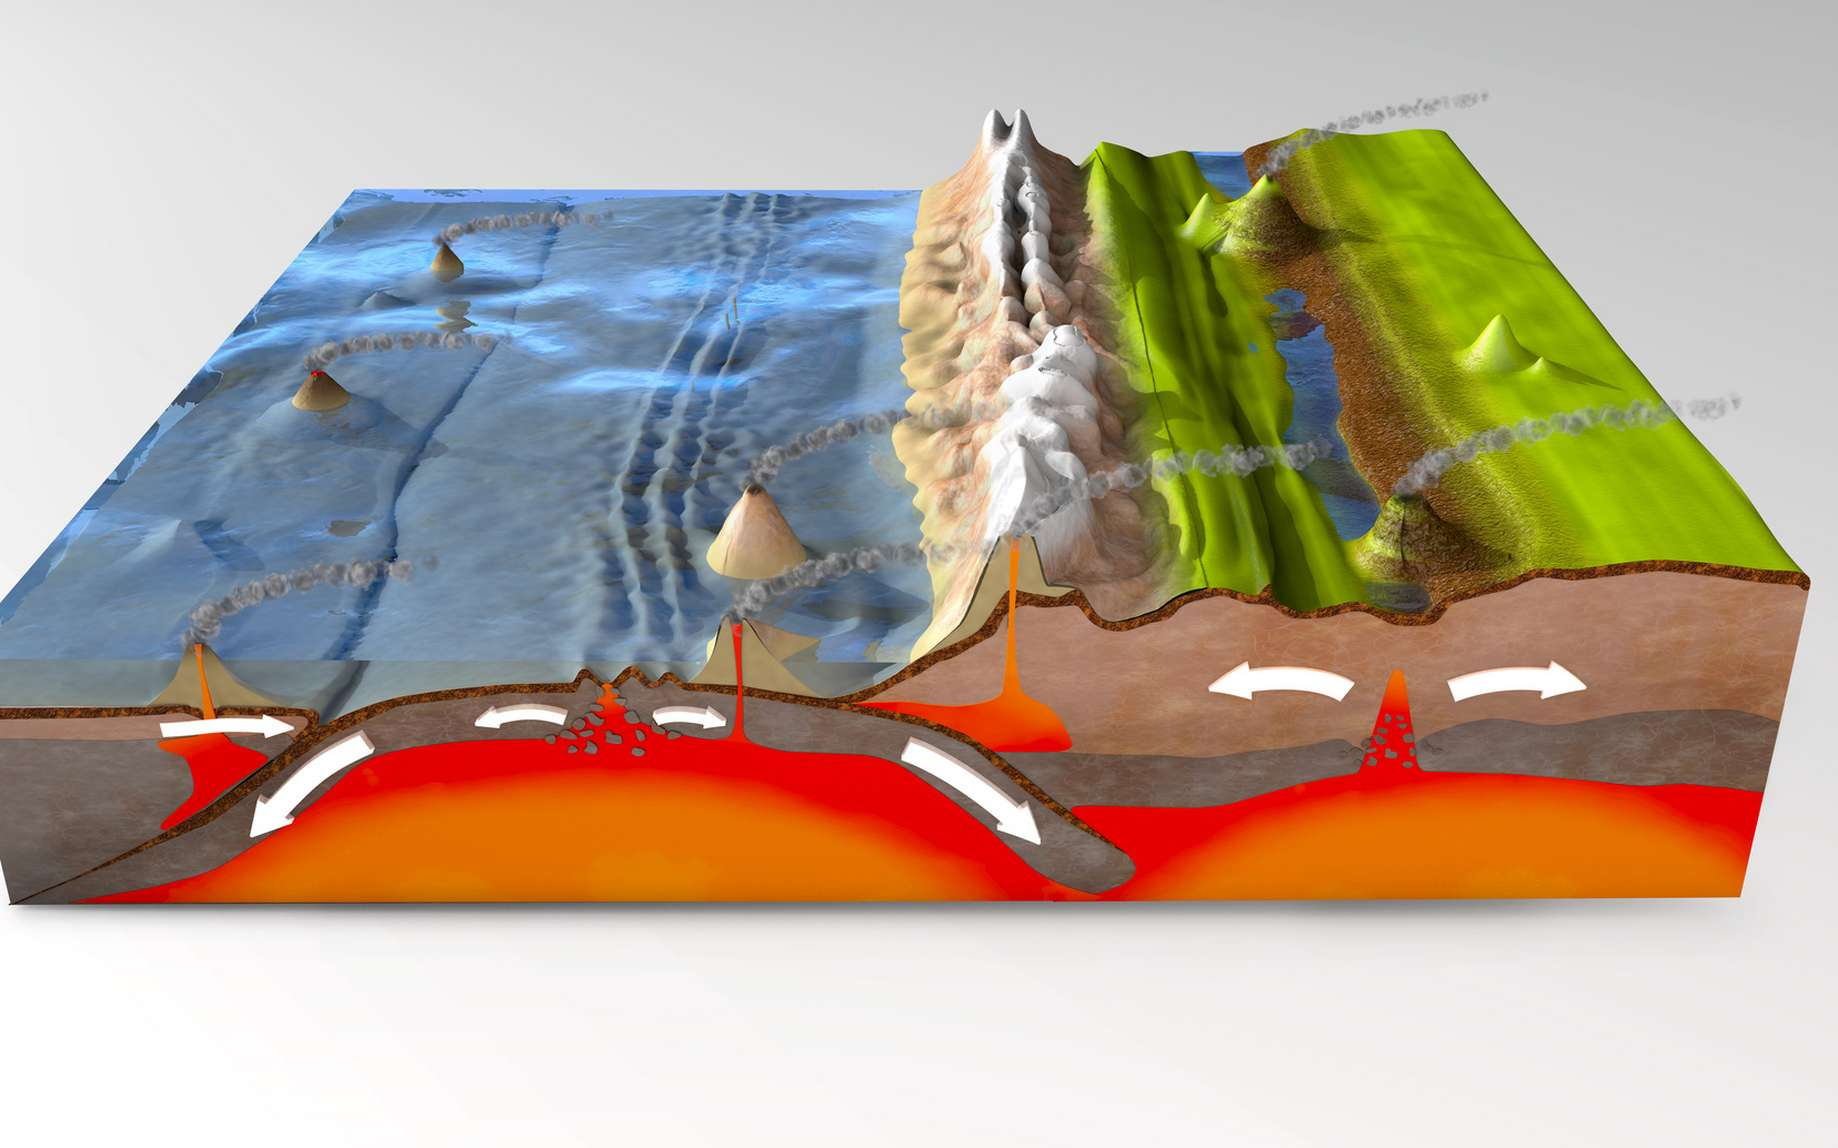 Au niveau d'une zone de subduction, une plaque océanique plonge sous une autre plaque, ici continentale. © Christoph Burgstedt, Fotolia